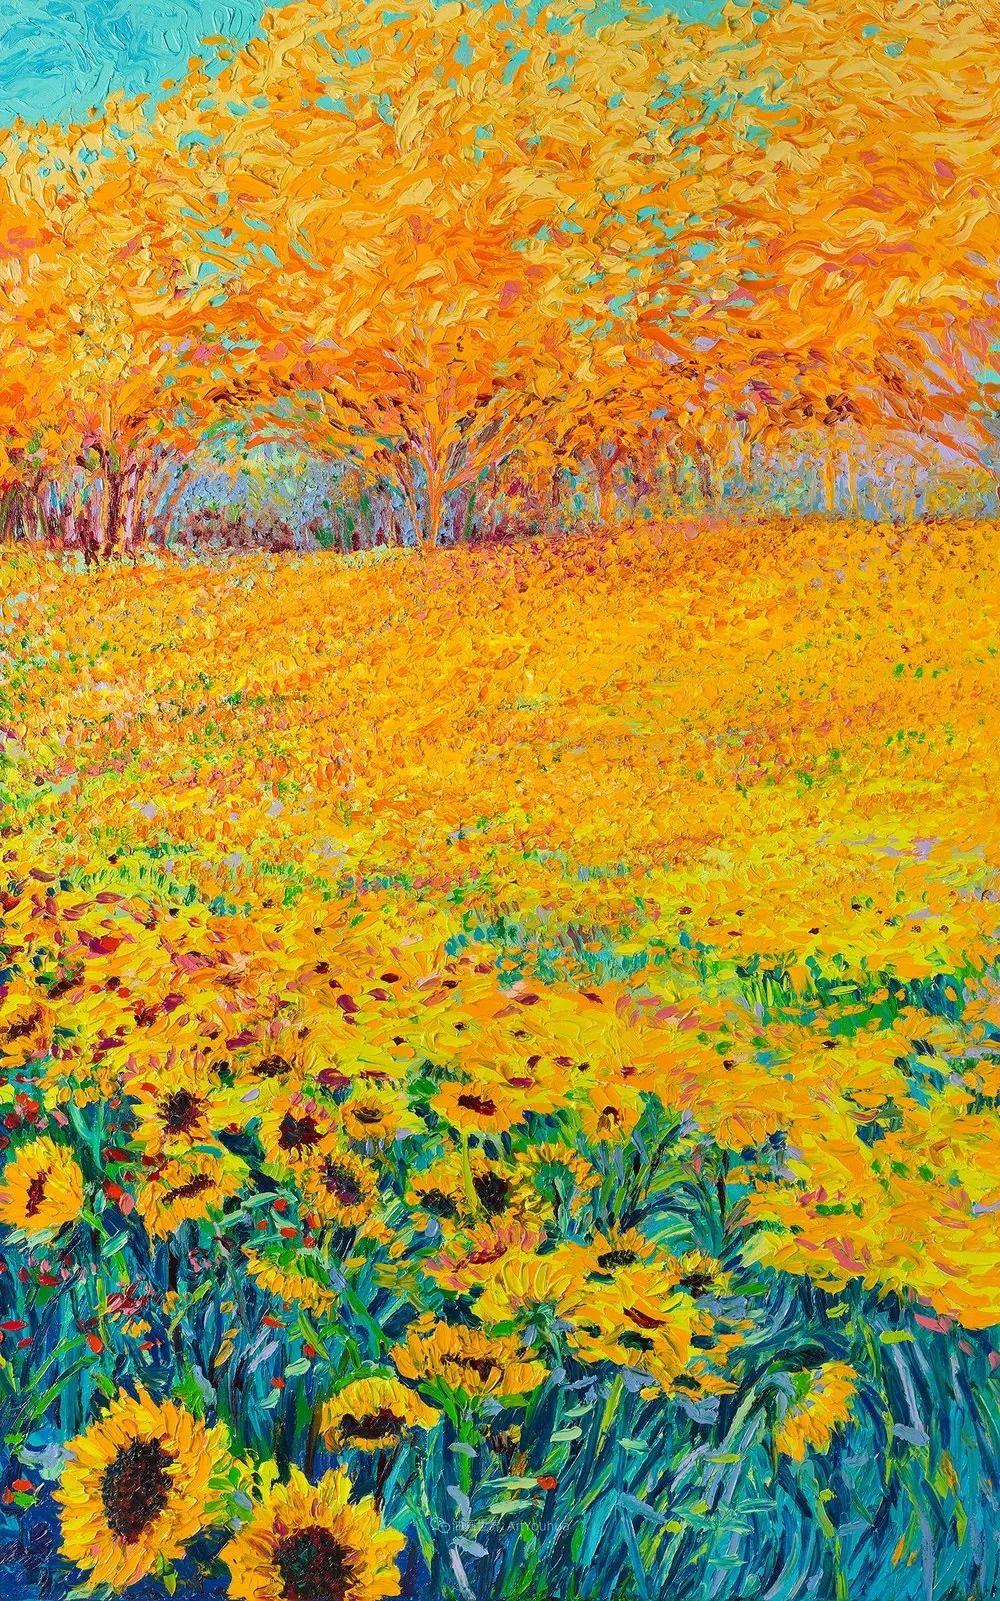 她用指尖来革新艺术世界,美国画家Iris Scott画选(上)插图37